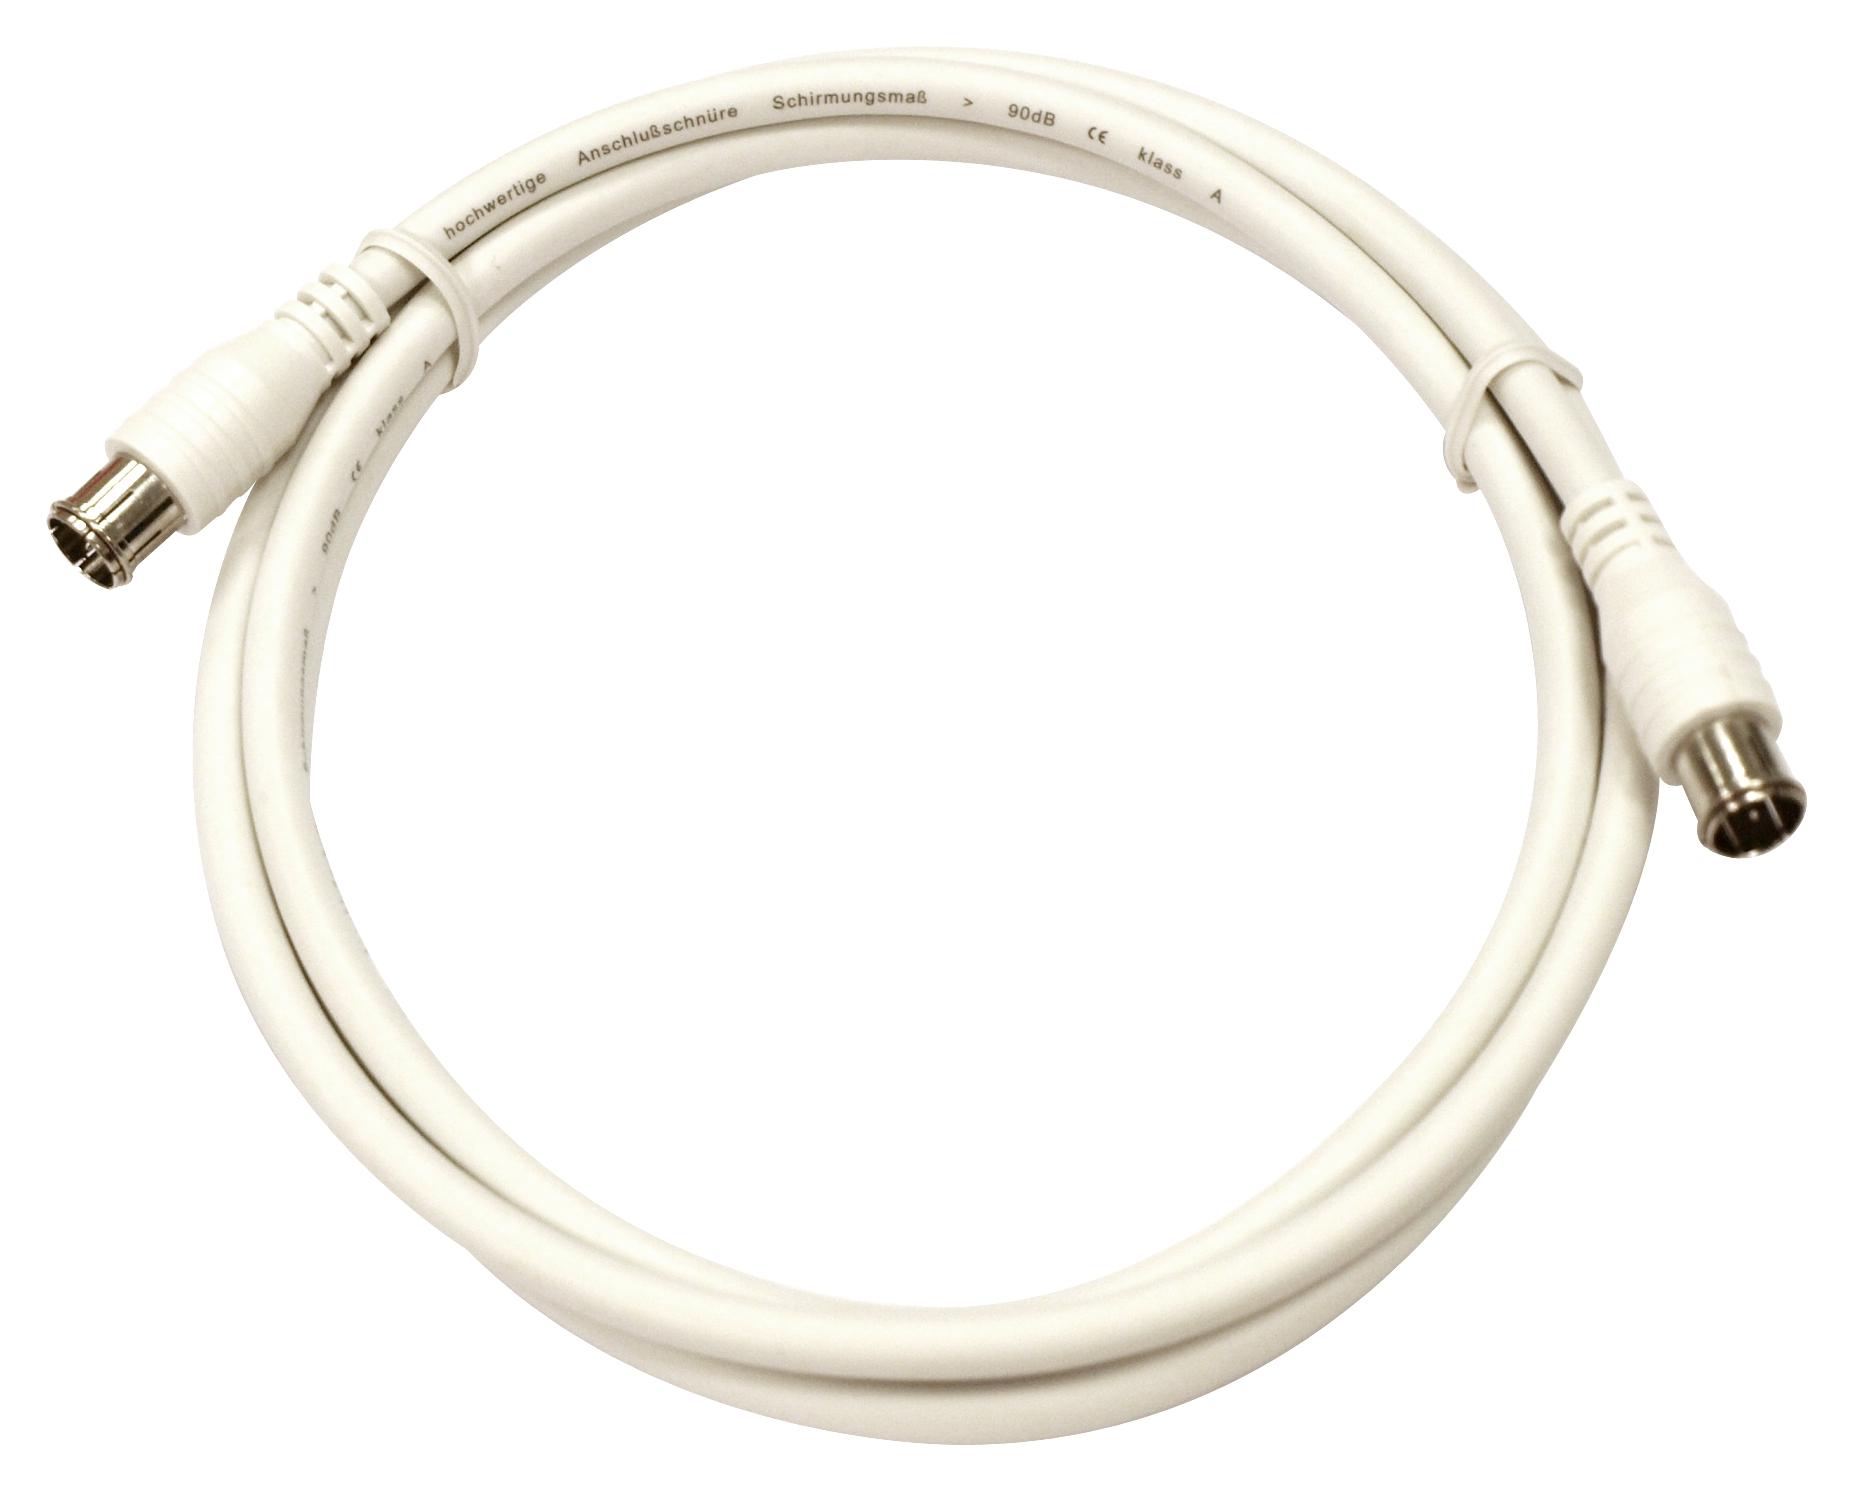 1 Stk Koax Patchkabel, 2xF-Quick gerade, >90dB, ClassA, weiß, 3,5m HS4HC03K5-